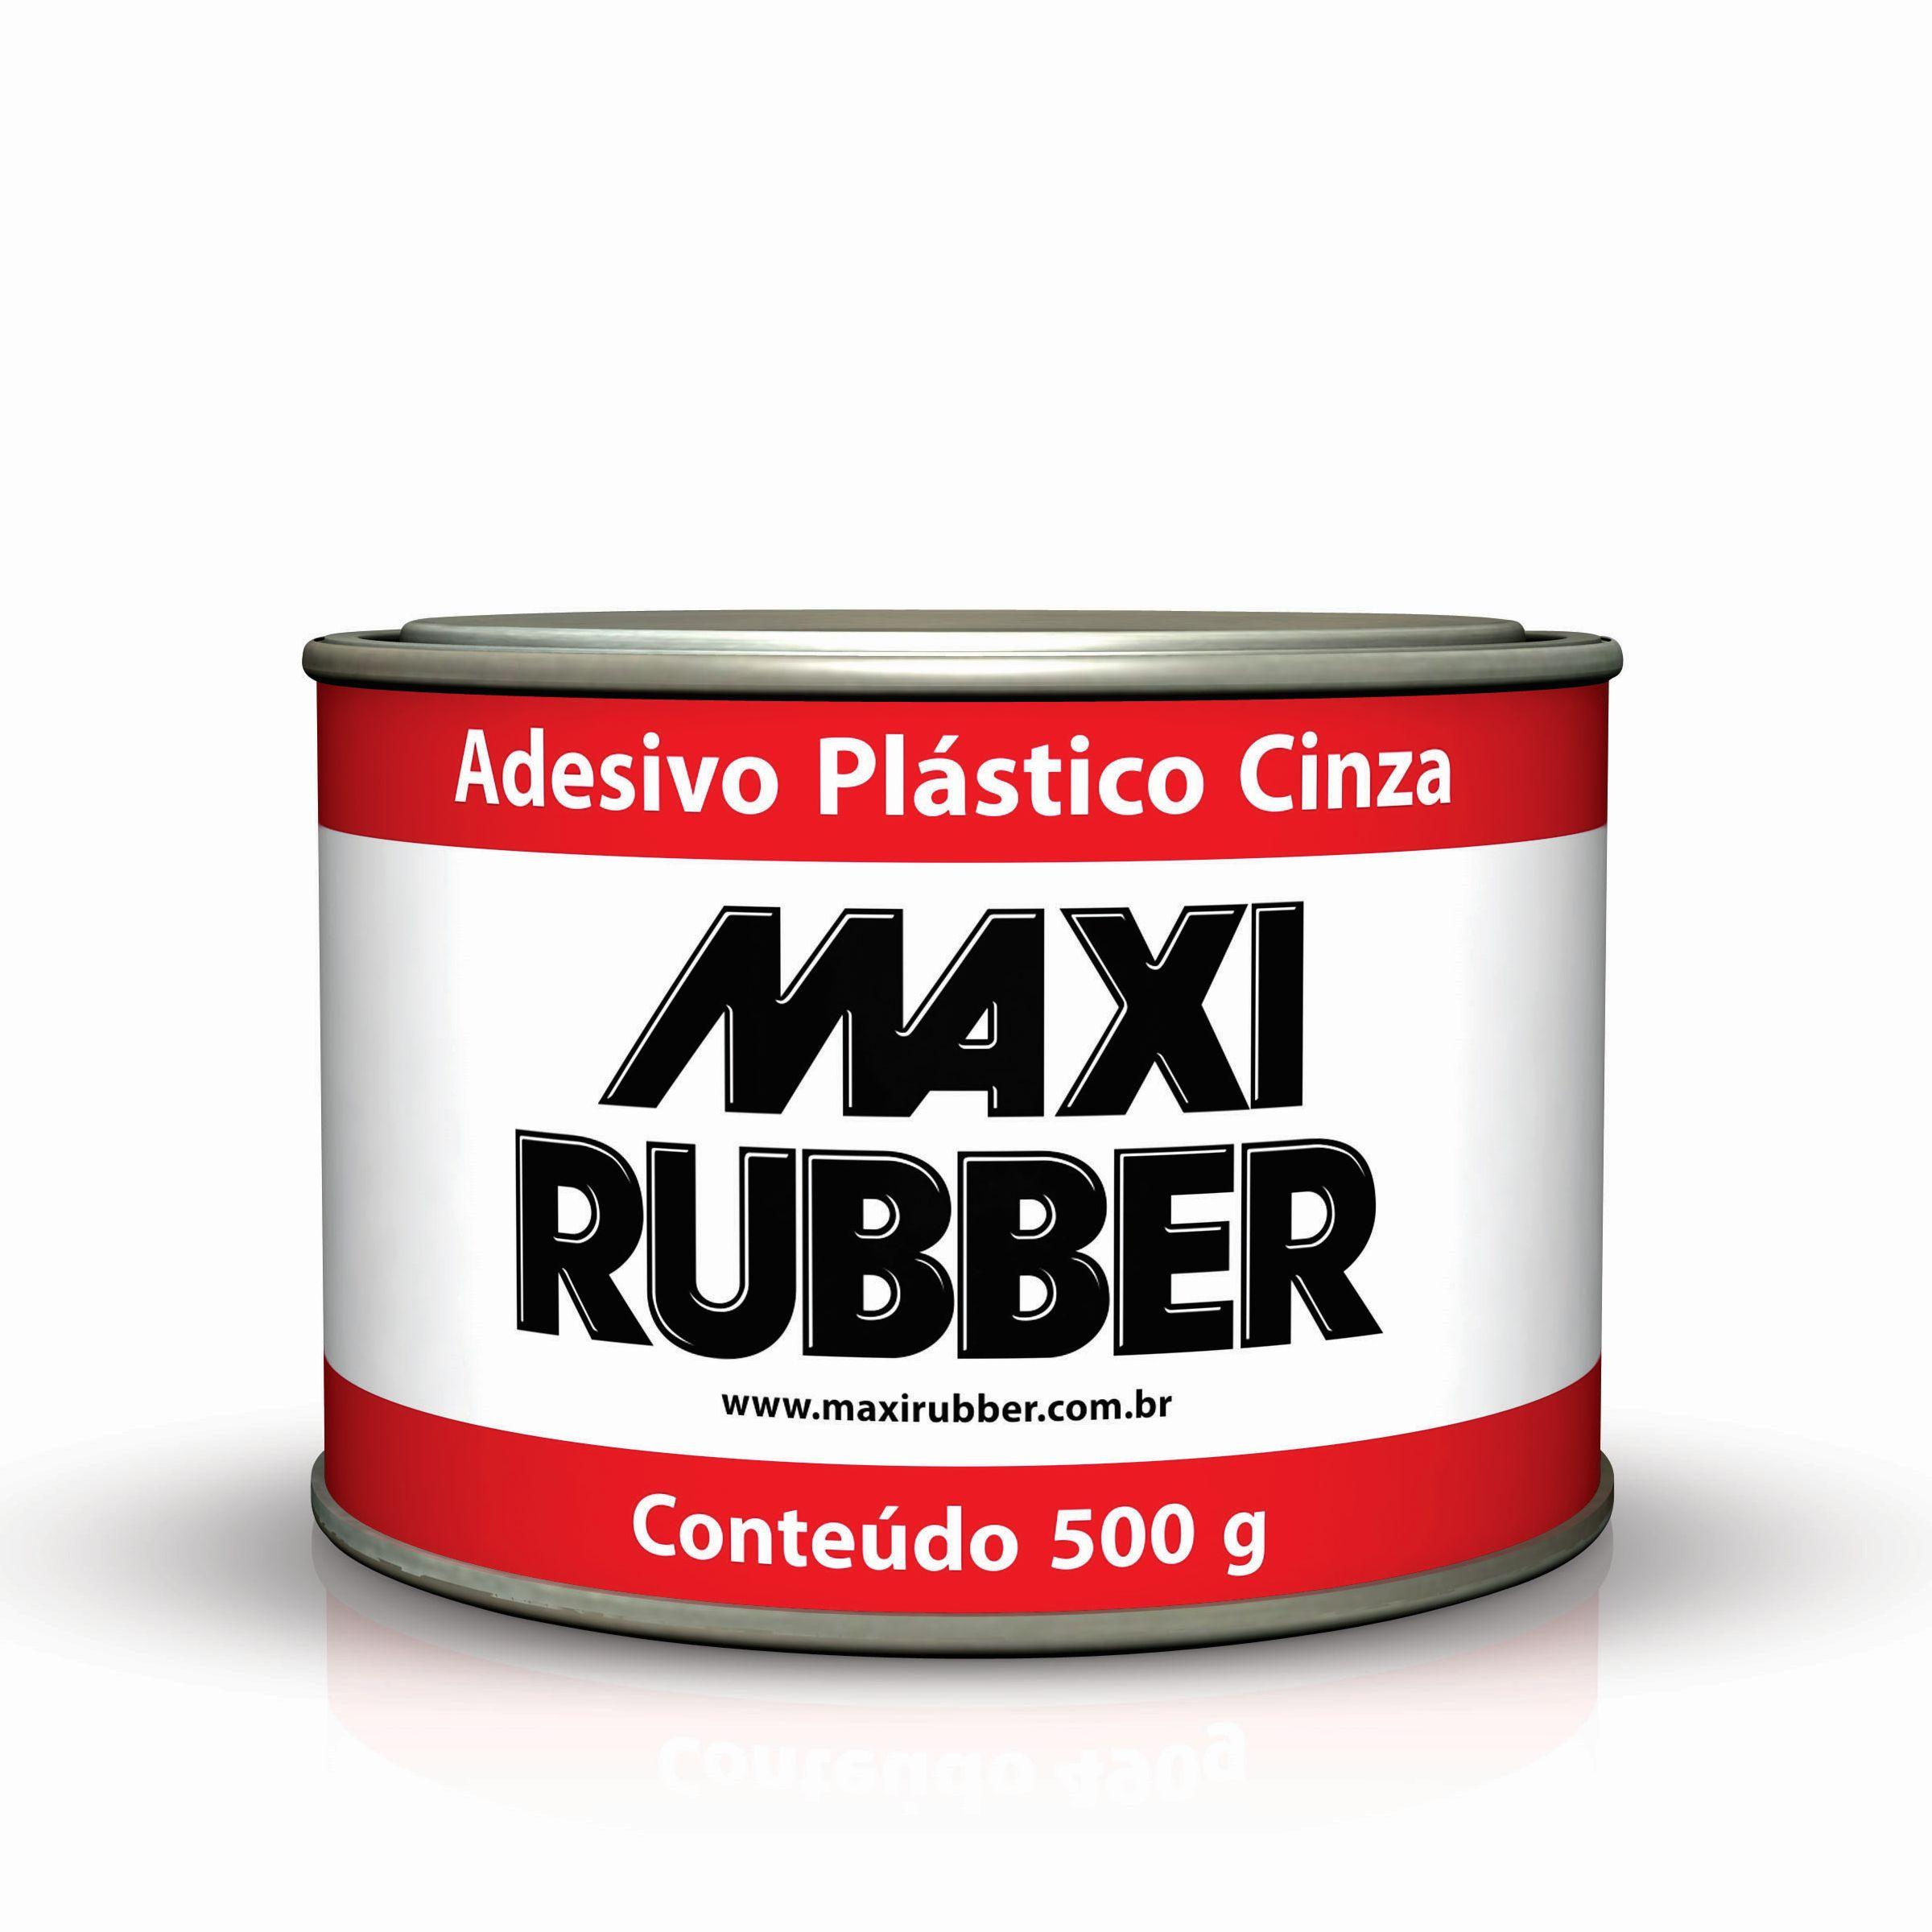 Adesivo Plástico Cinza